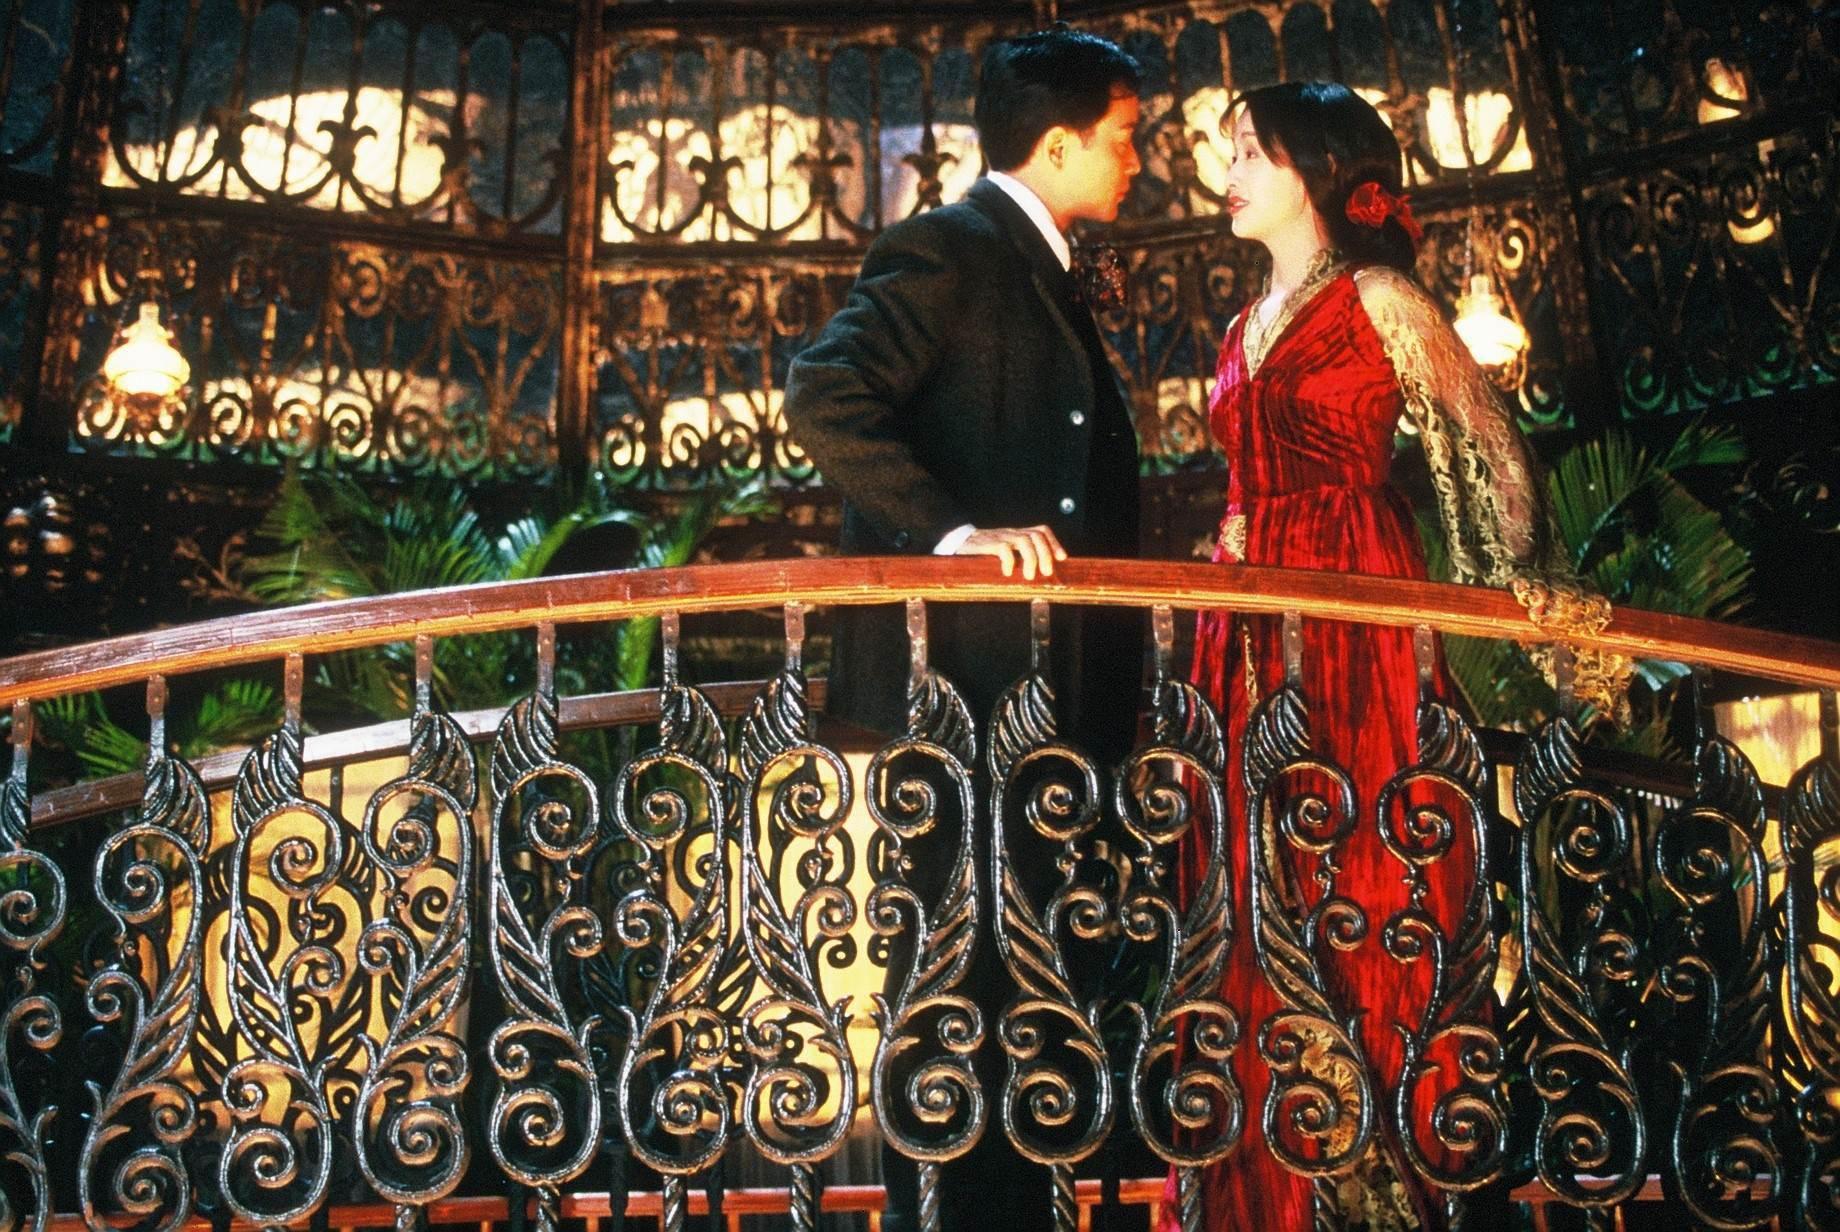 《夜半歌聲》4K修復重溫張國榮的身影及歌聲 哥哥「唯一監製」4000萬打造東方版《歌劇魅影》